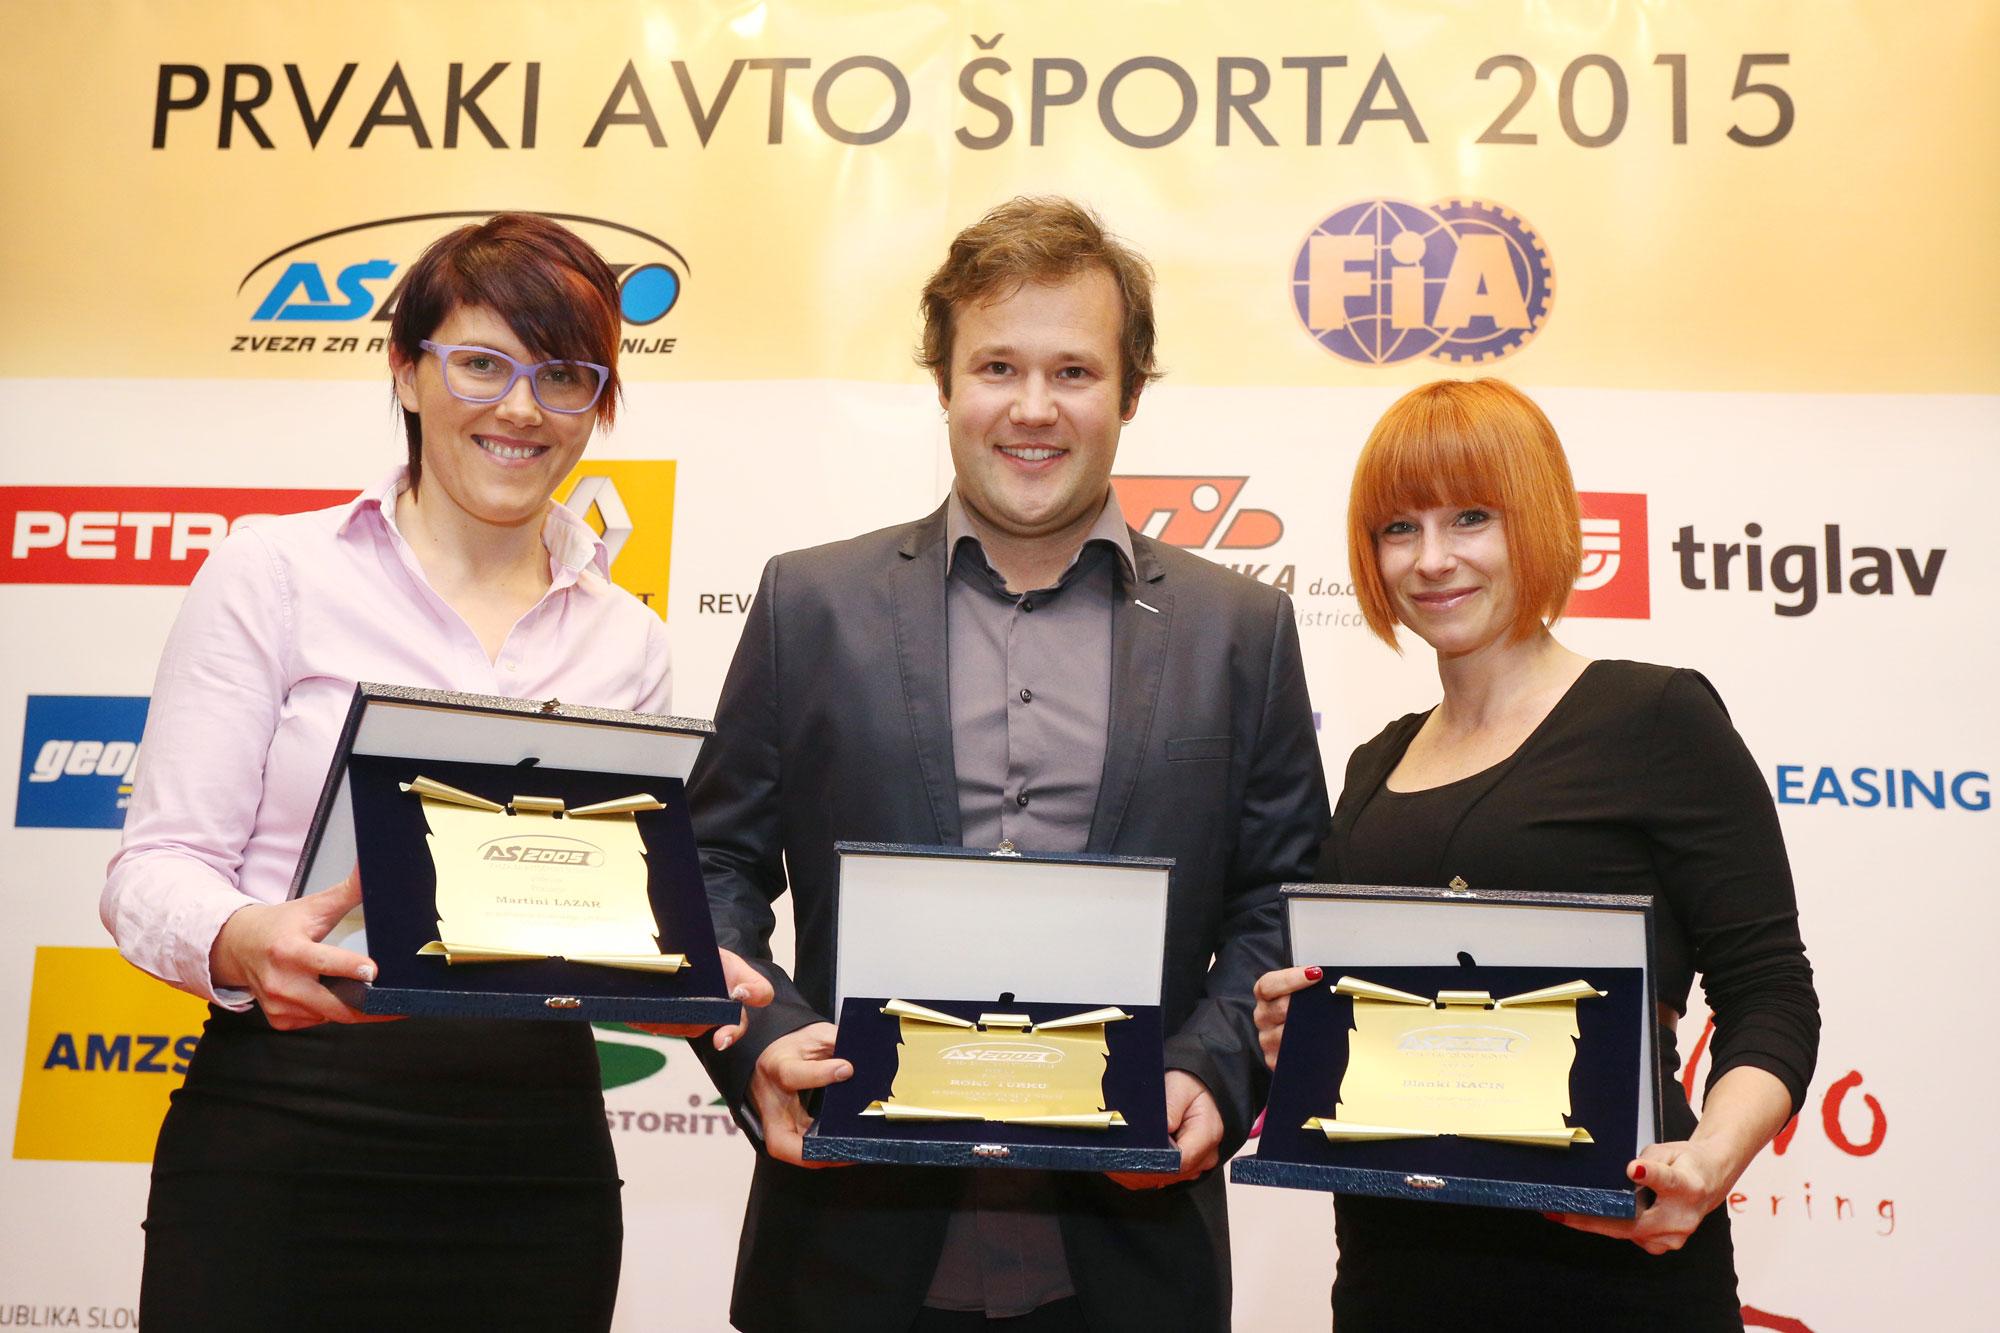 Priznanja za Roka Turka, Blanko Kacin in Martino Lazar za zastopanje slovenskega avtošporta v tujini